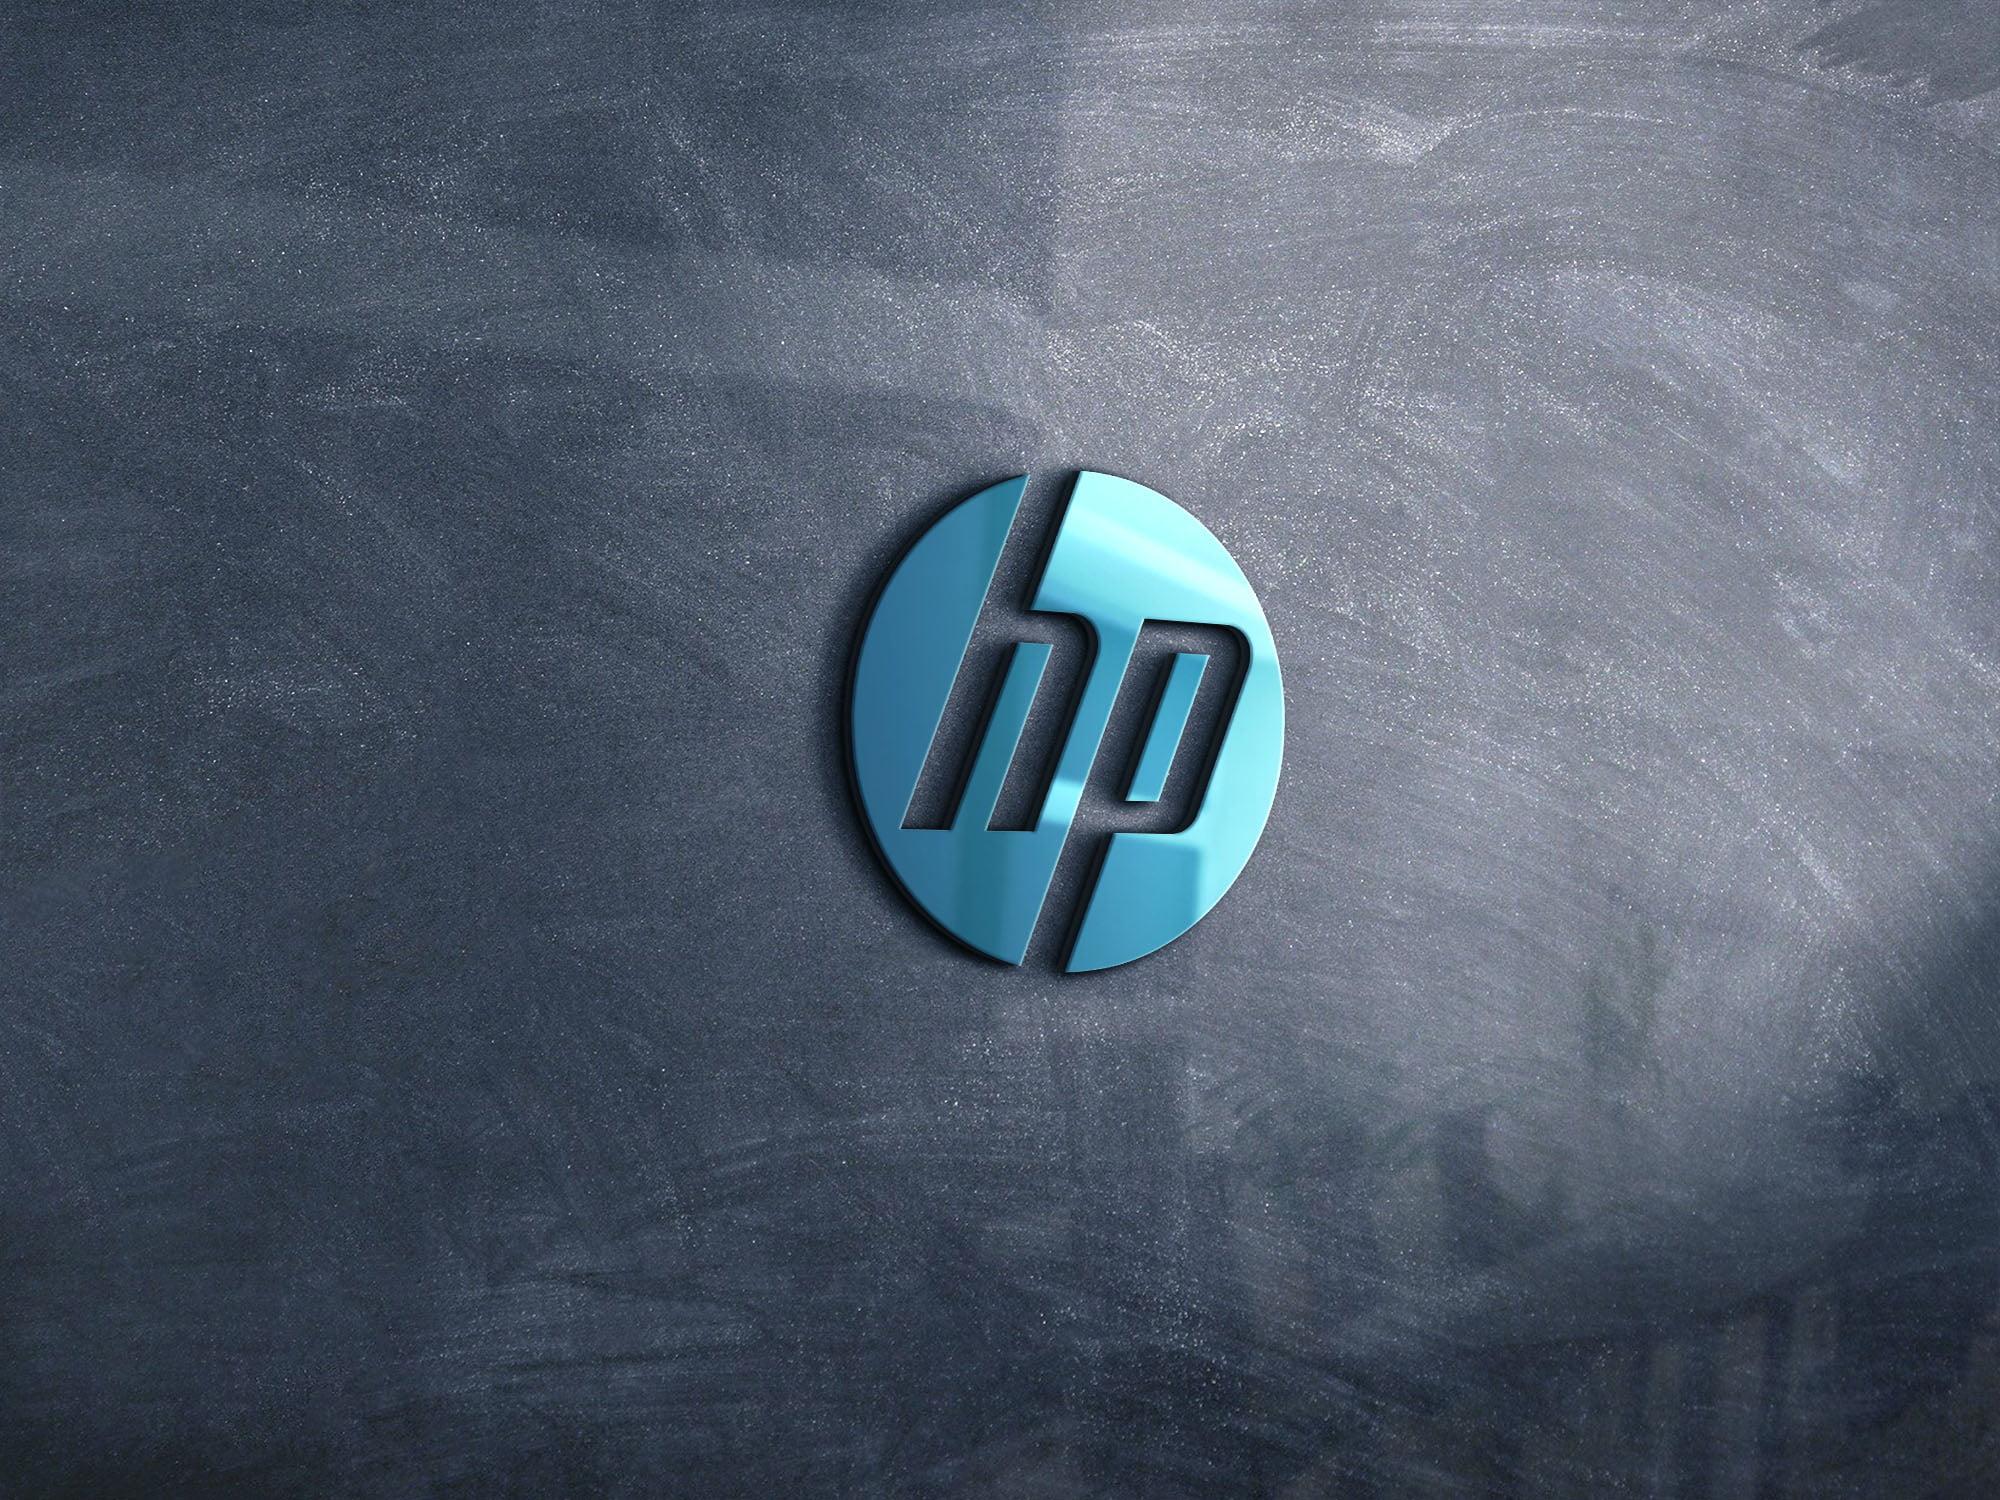 HP logo on 3d glass window